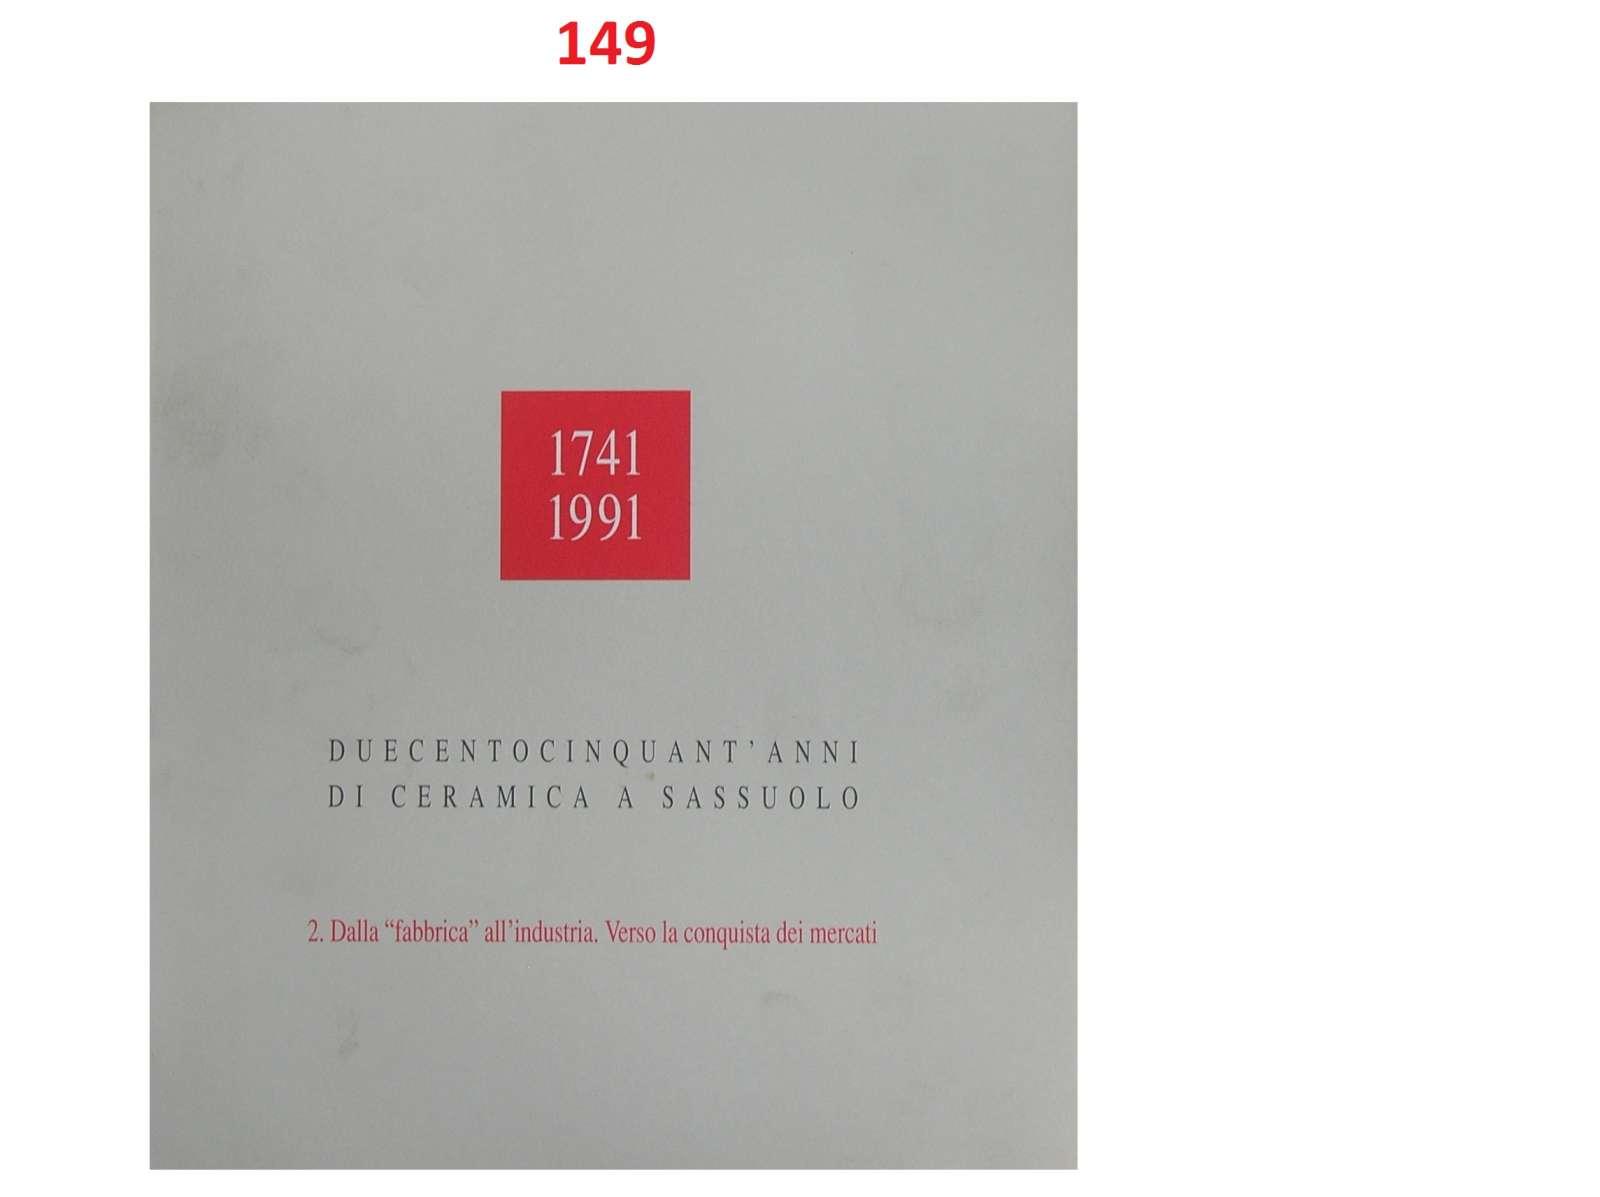 0149-dscn1712